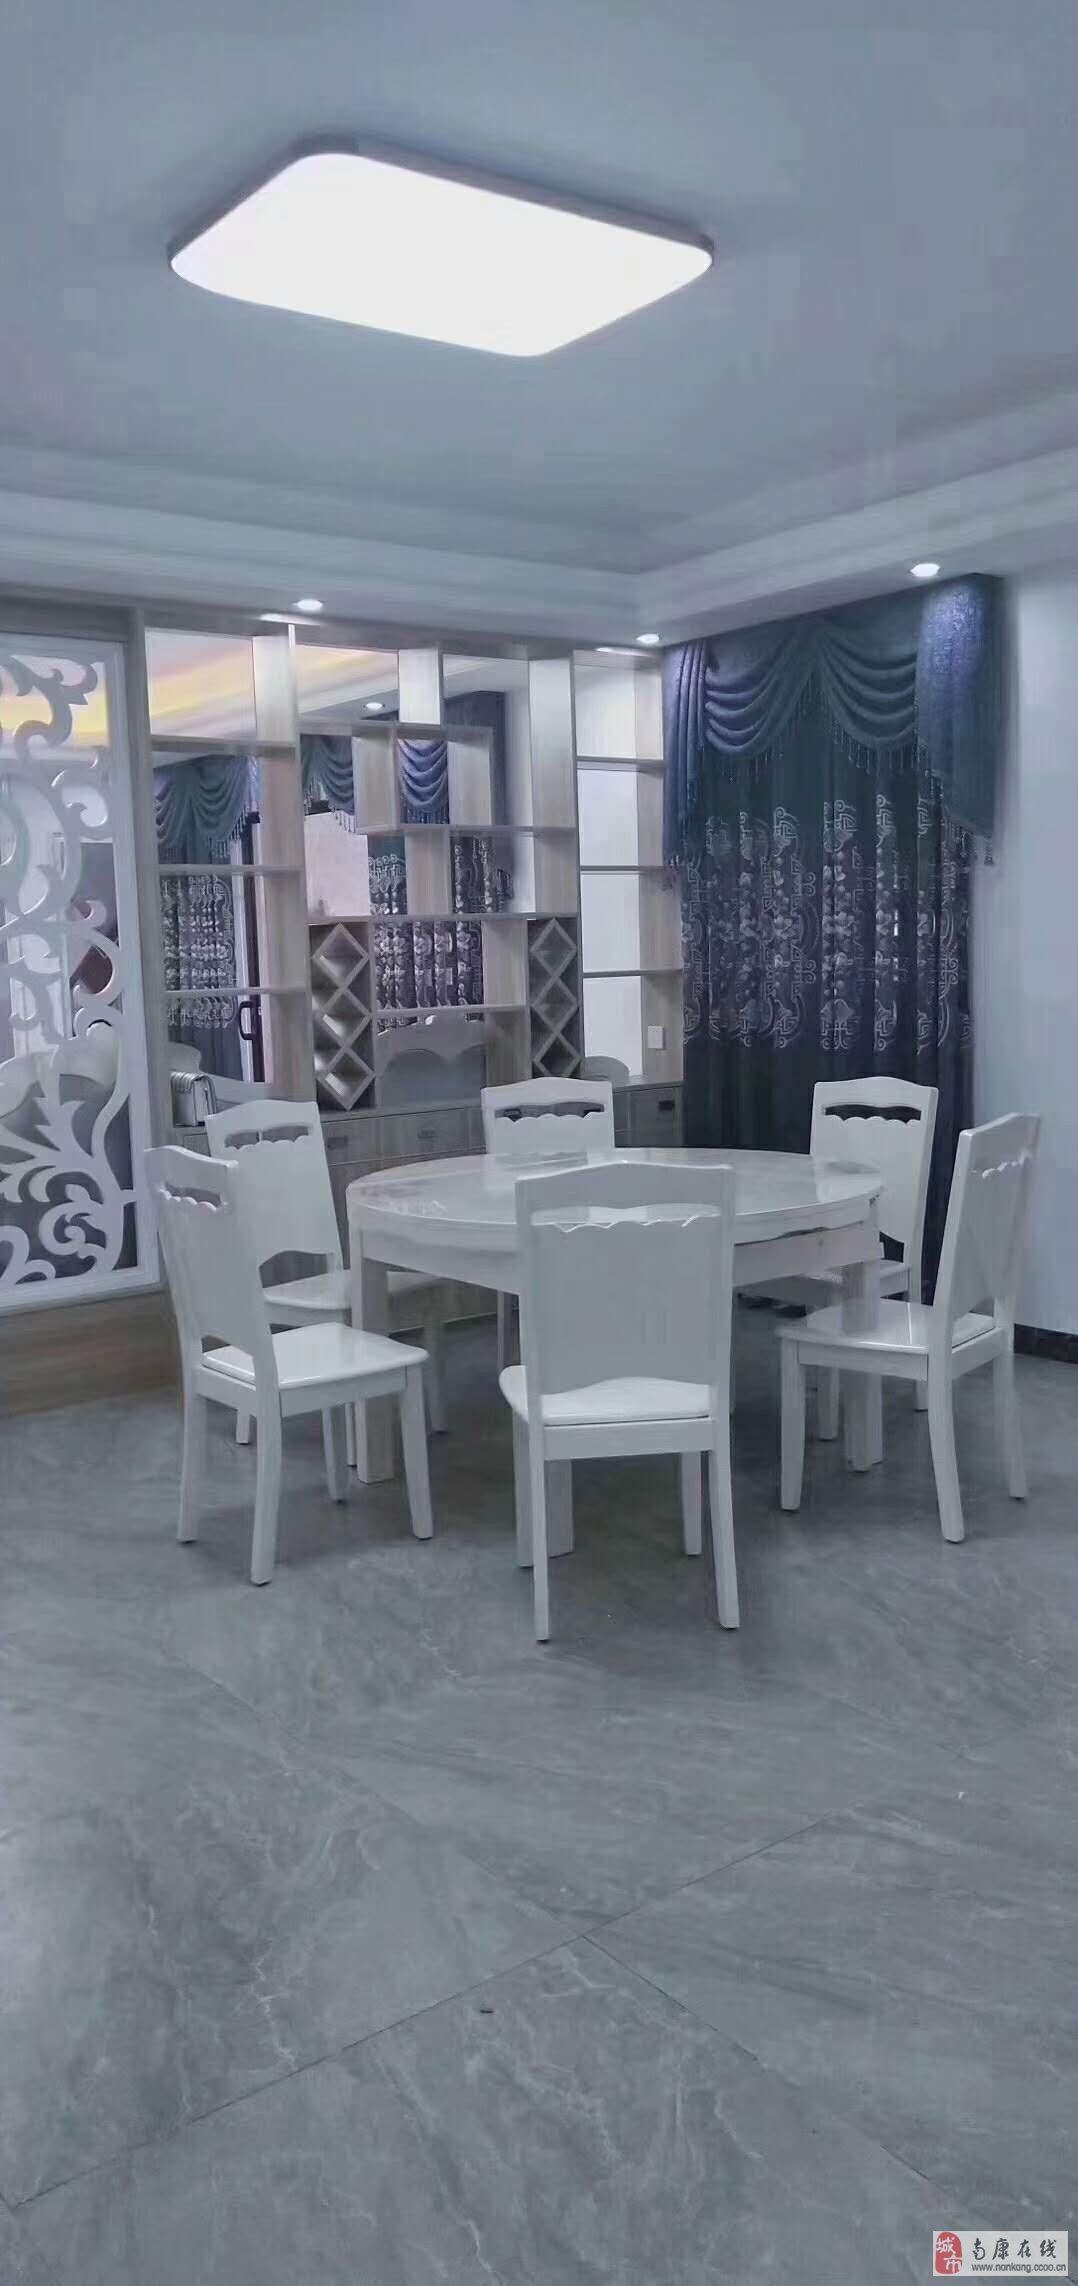 鑫安佳苑4室2廳2衛 全新裝修未入住(首付只需19.9萬元)